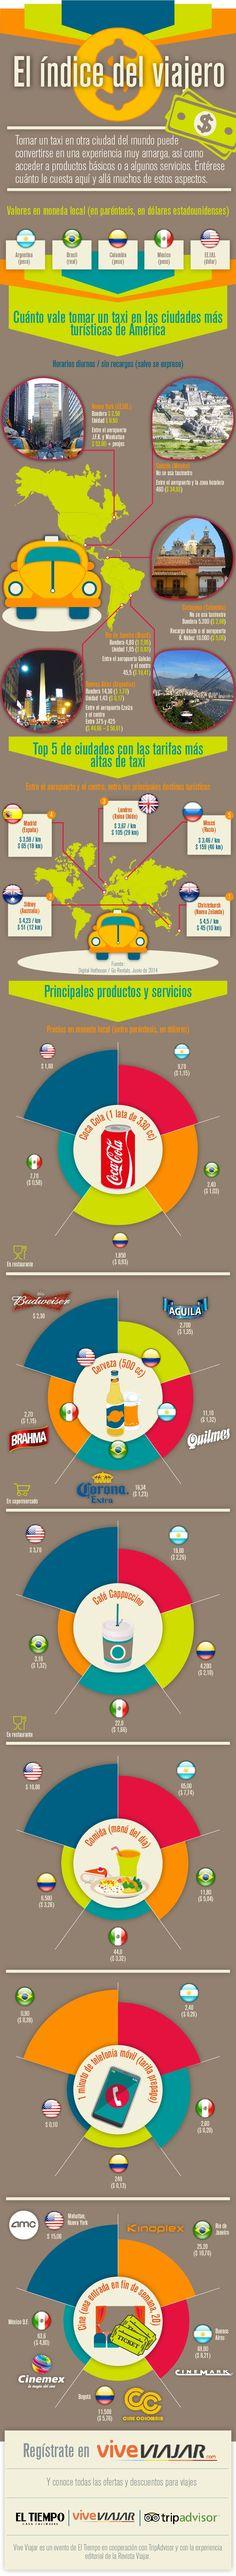 El índice del viajero - infografía